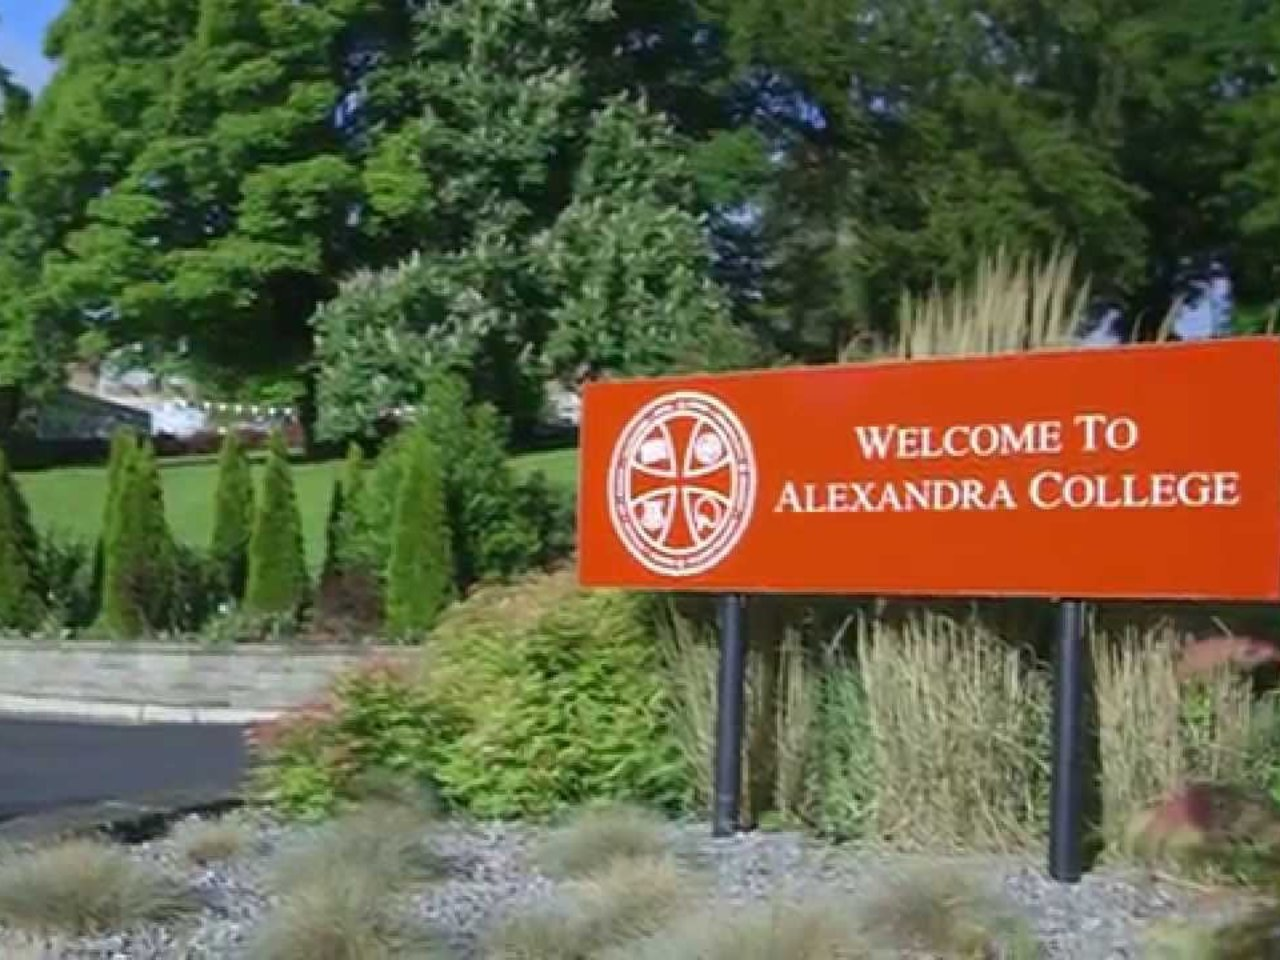 アレクサンドラ・カレッジ